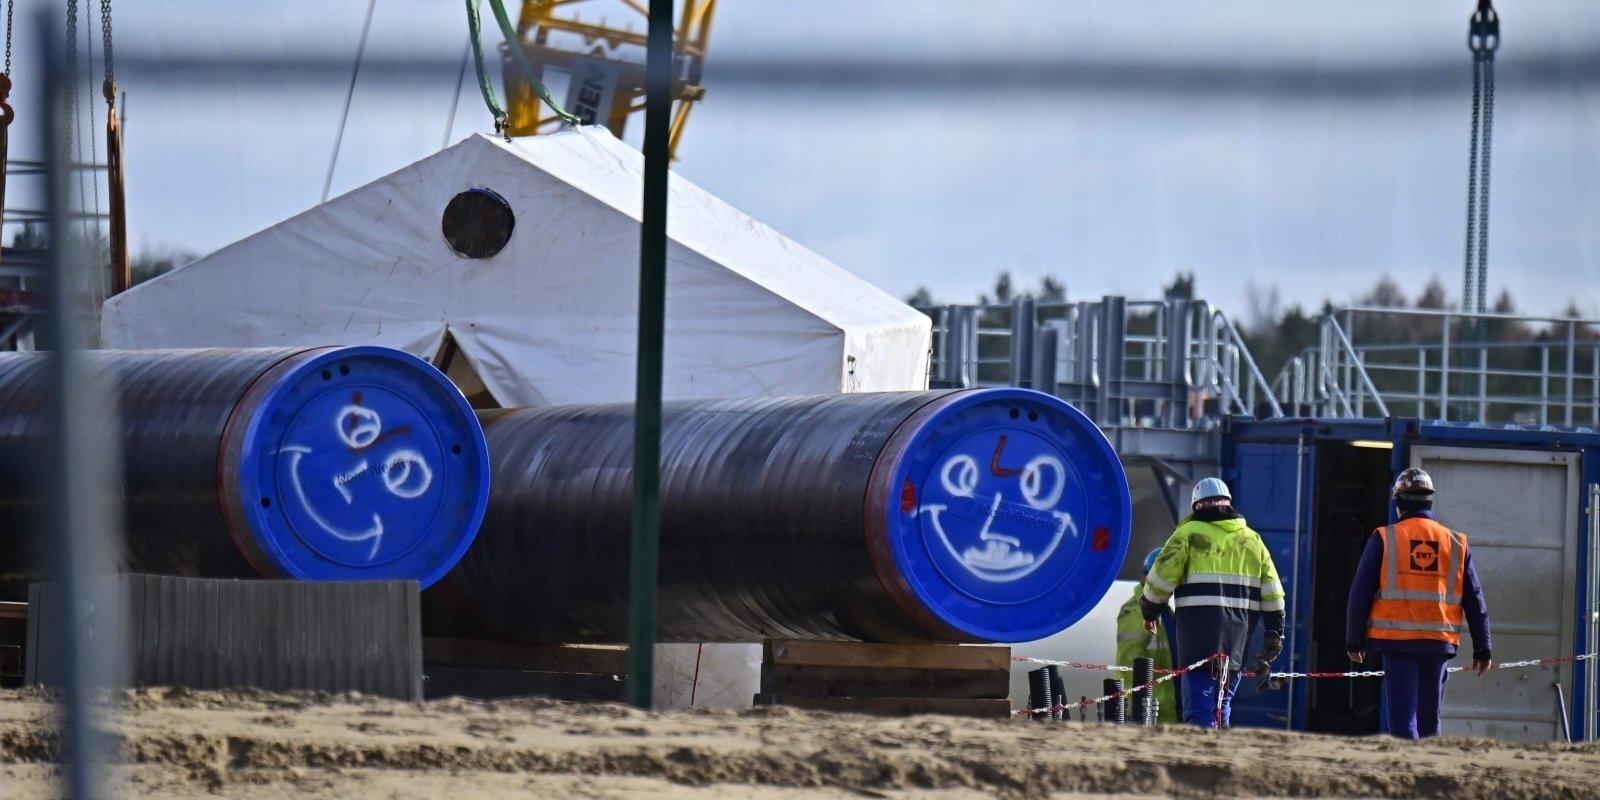 Neņemot vērā bažas, 'Nord Stream 2' tuvojas finišam